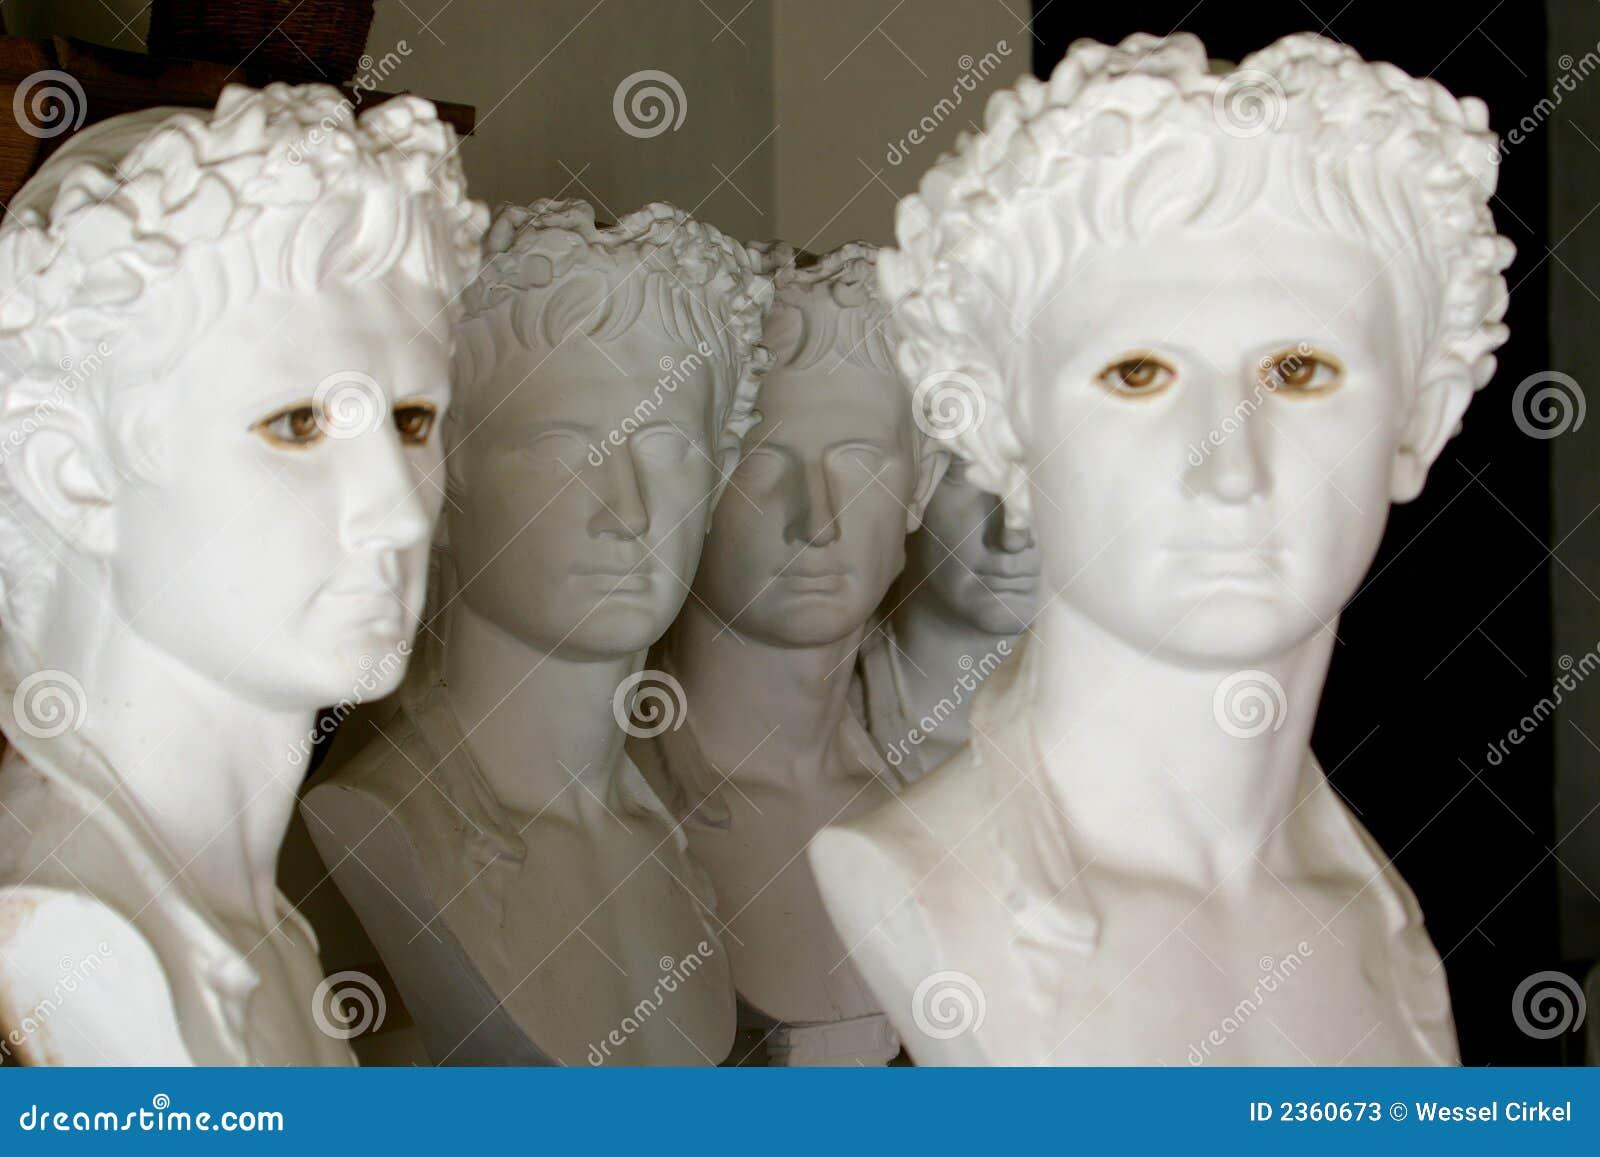 Greek Sculptures Stock Photos - Image 2360673-4000